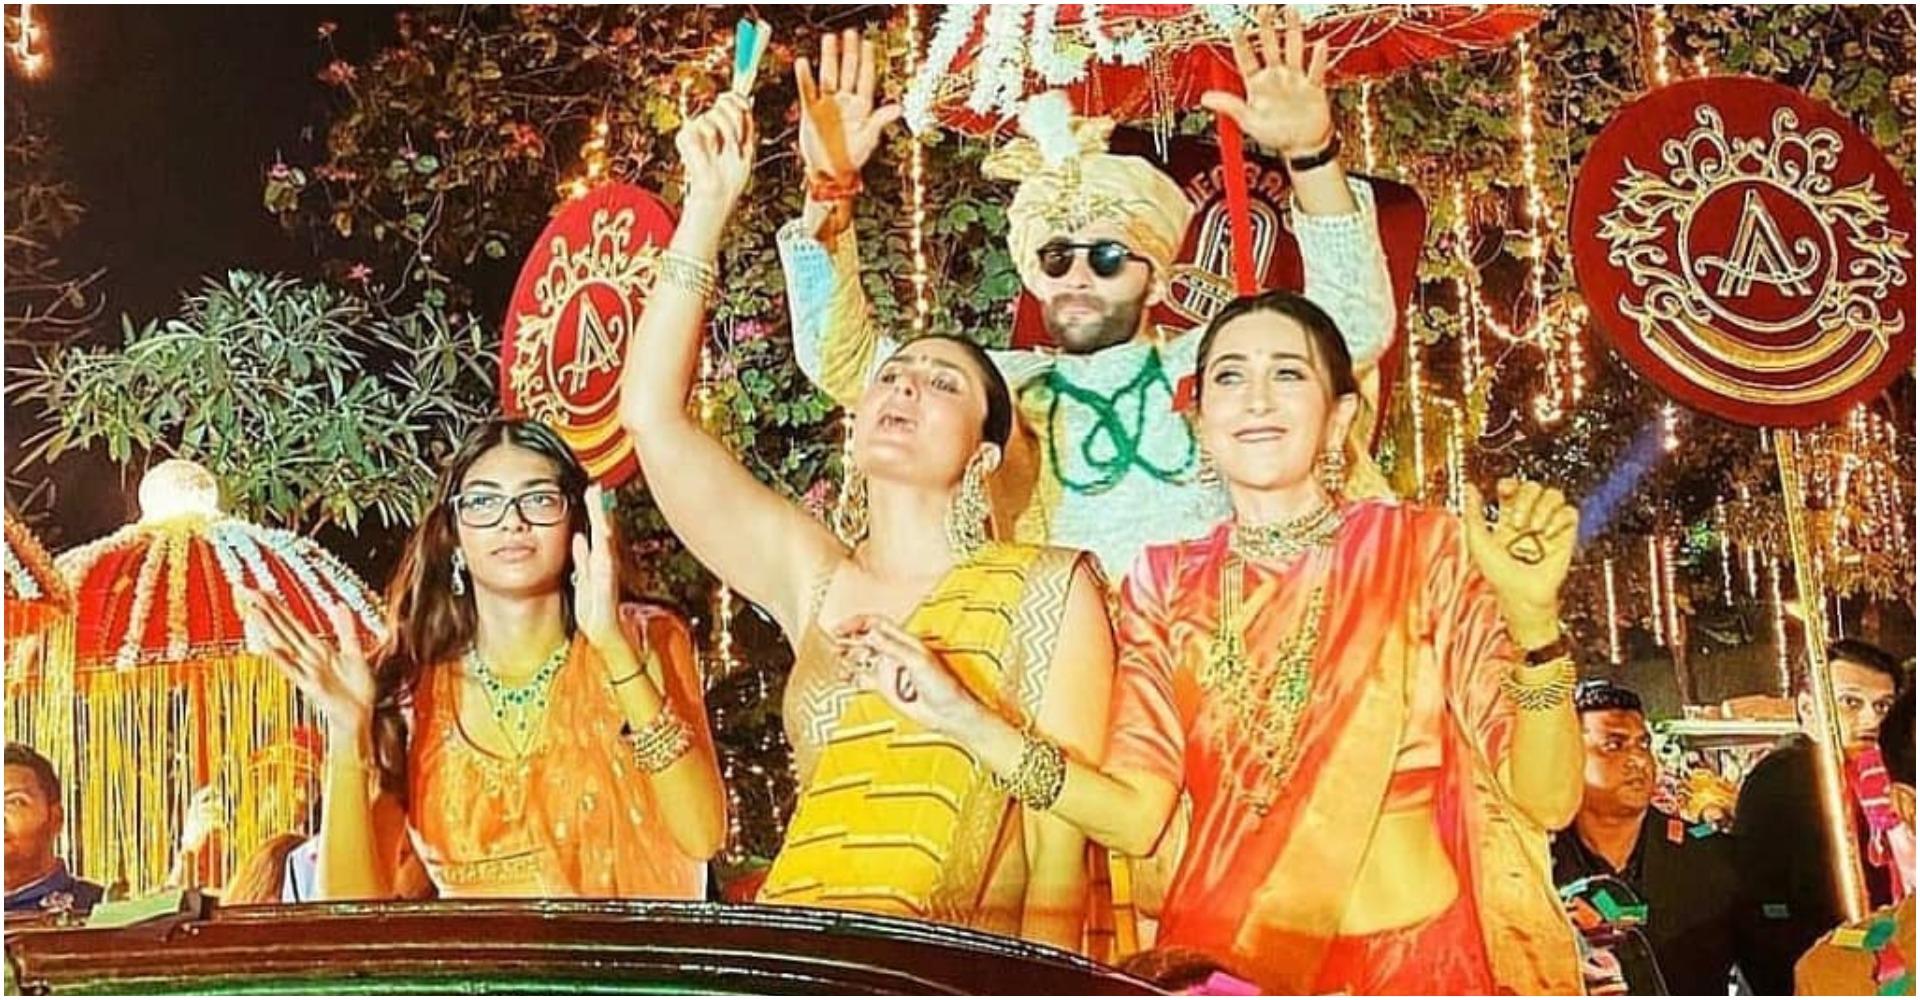 Armaan Jain Wedding Photos: भाई अरमान जैन की शादी में करीना और करिश्मा ने मचाया धूम, देखें बारात का वीडियो